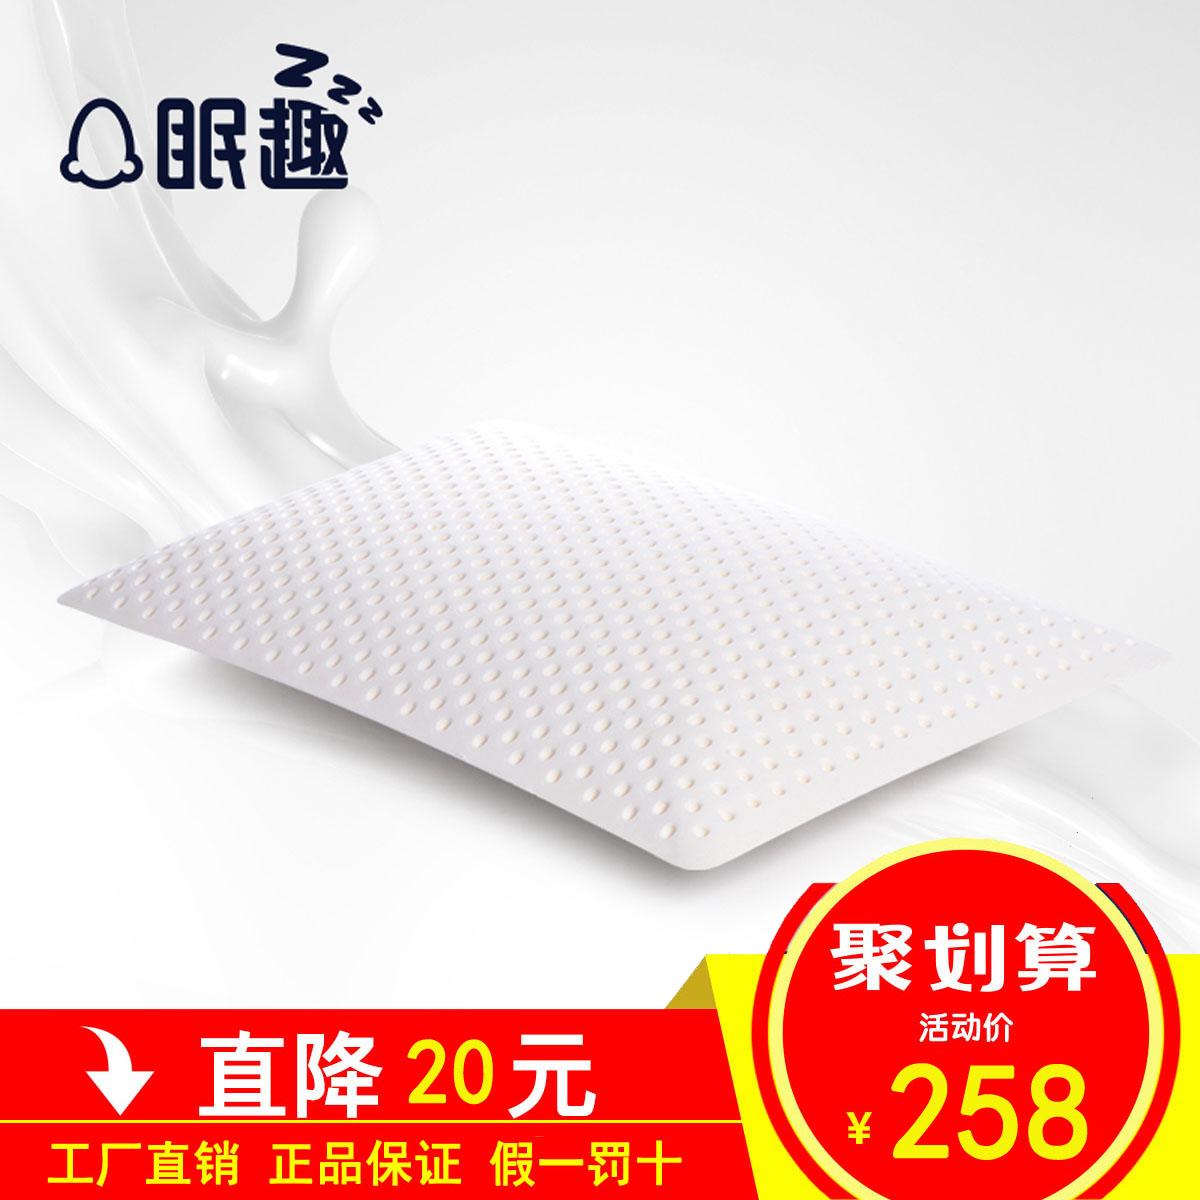 眠趣泰国天然乳胶枕头 青少年乳胶枕学生枕头芯透气保健护颈低枕